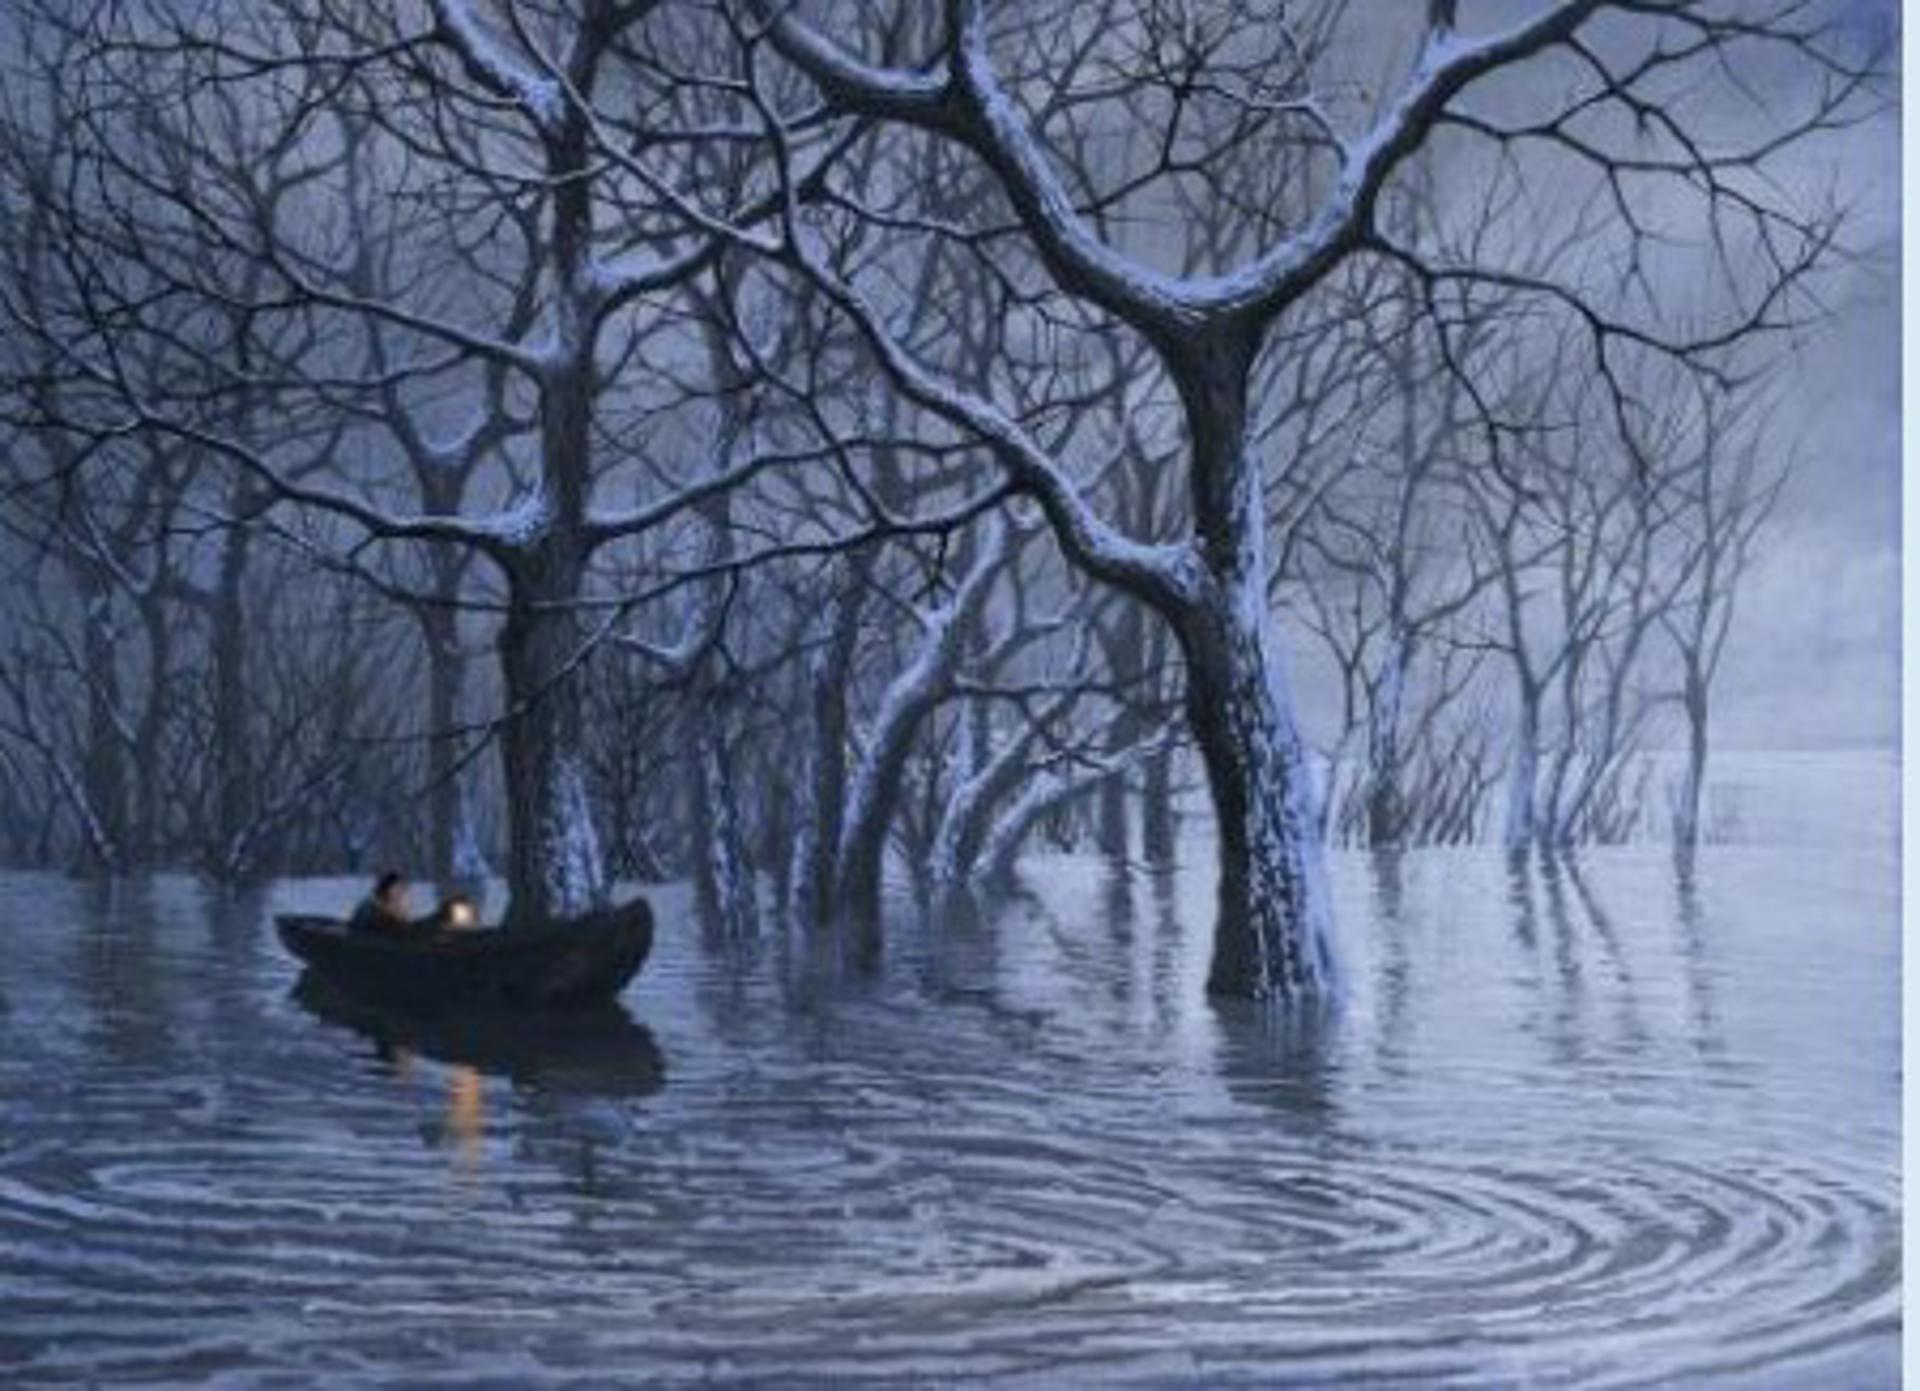 Midnight by Alexei Butirskiy